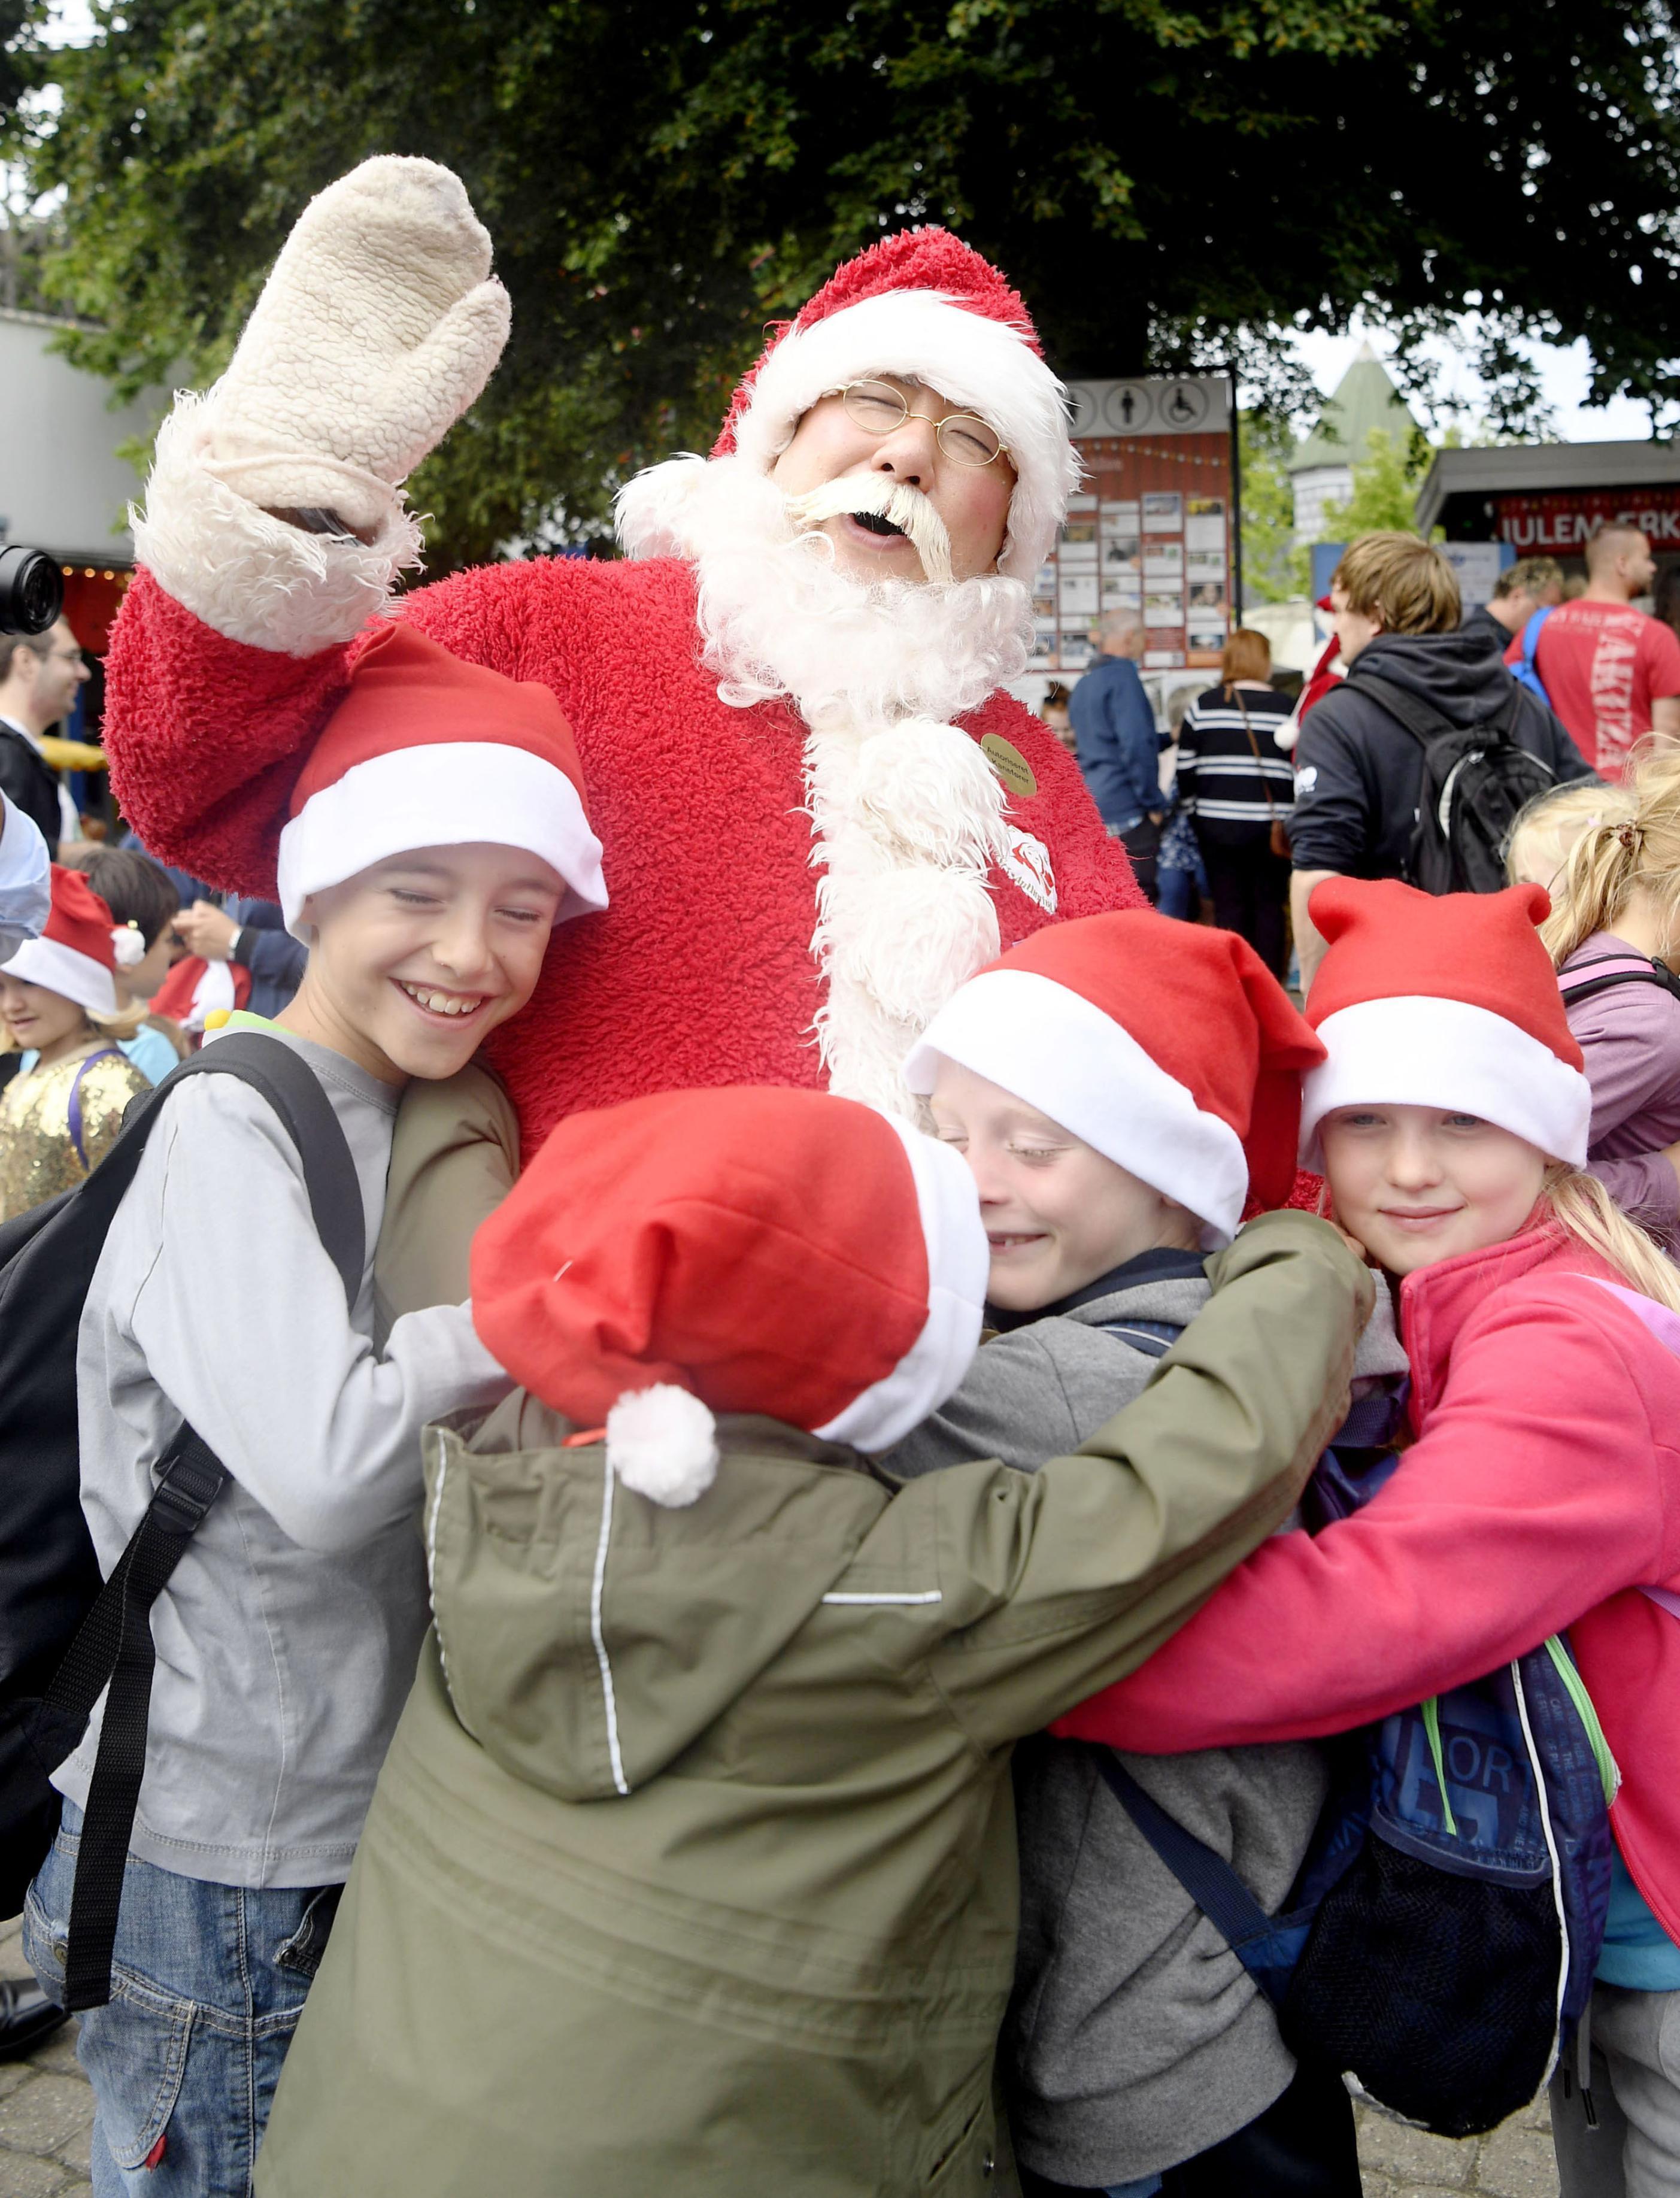 遊園地で子どもたちに抱きつかれるパラダイス山元。「ホッ、ホッ、ホッ」と笑顔で応える=コペンハーゲン郊外(撮影・仙石高記、共同)